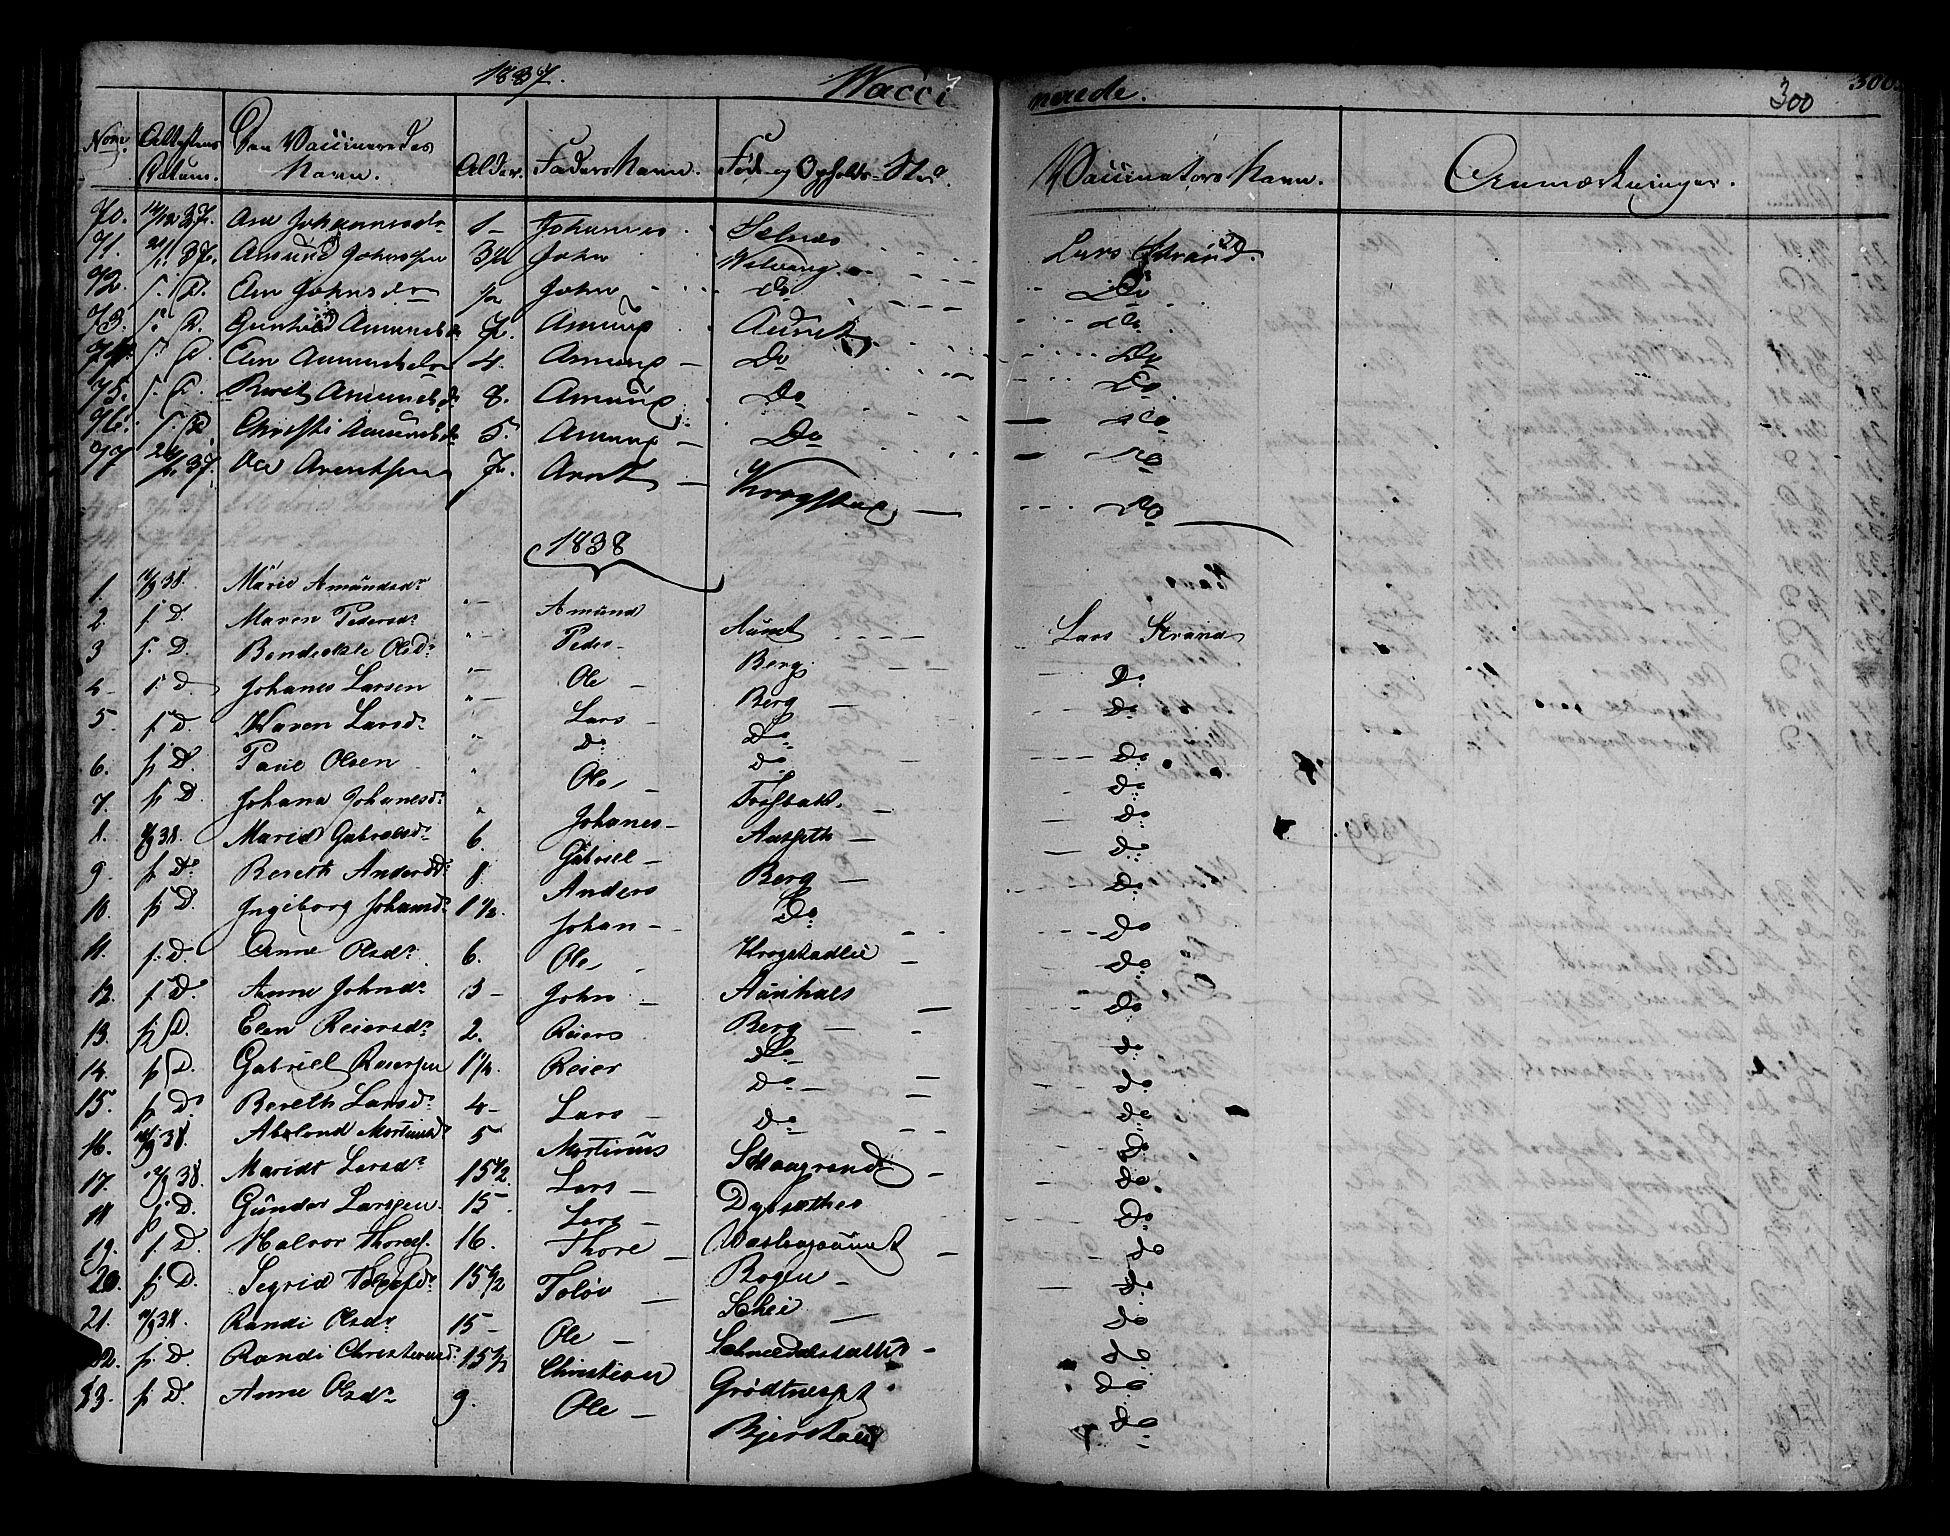 SAT, Ministerialprotokoller, klokkerbøker og fødselsregistre - Sør-Trøndelag, 630/L0492: Ministerialbok nr. 630A05, 1830-1840, s. 300